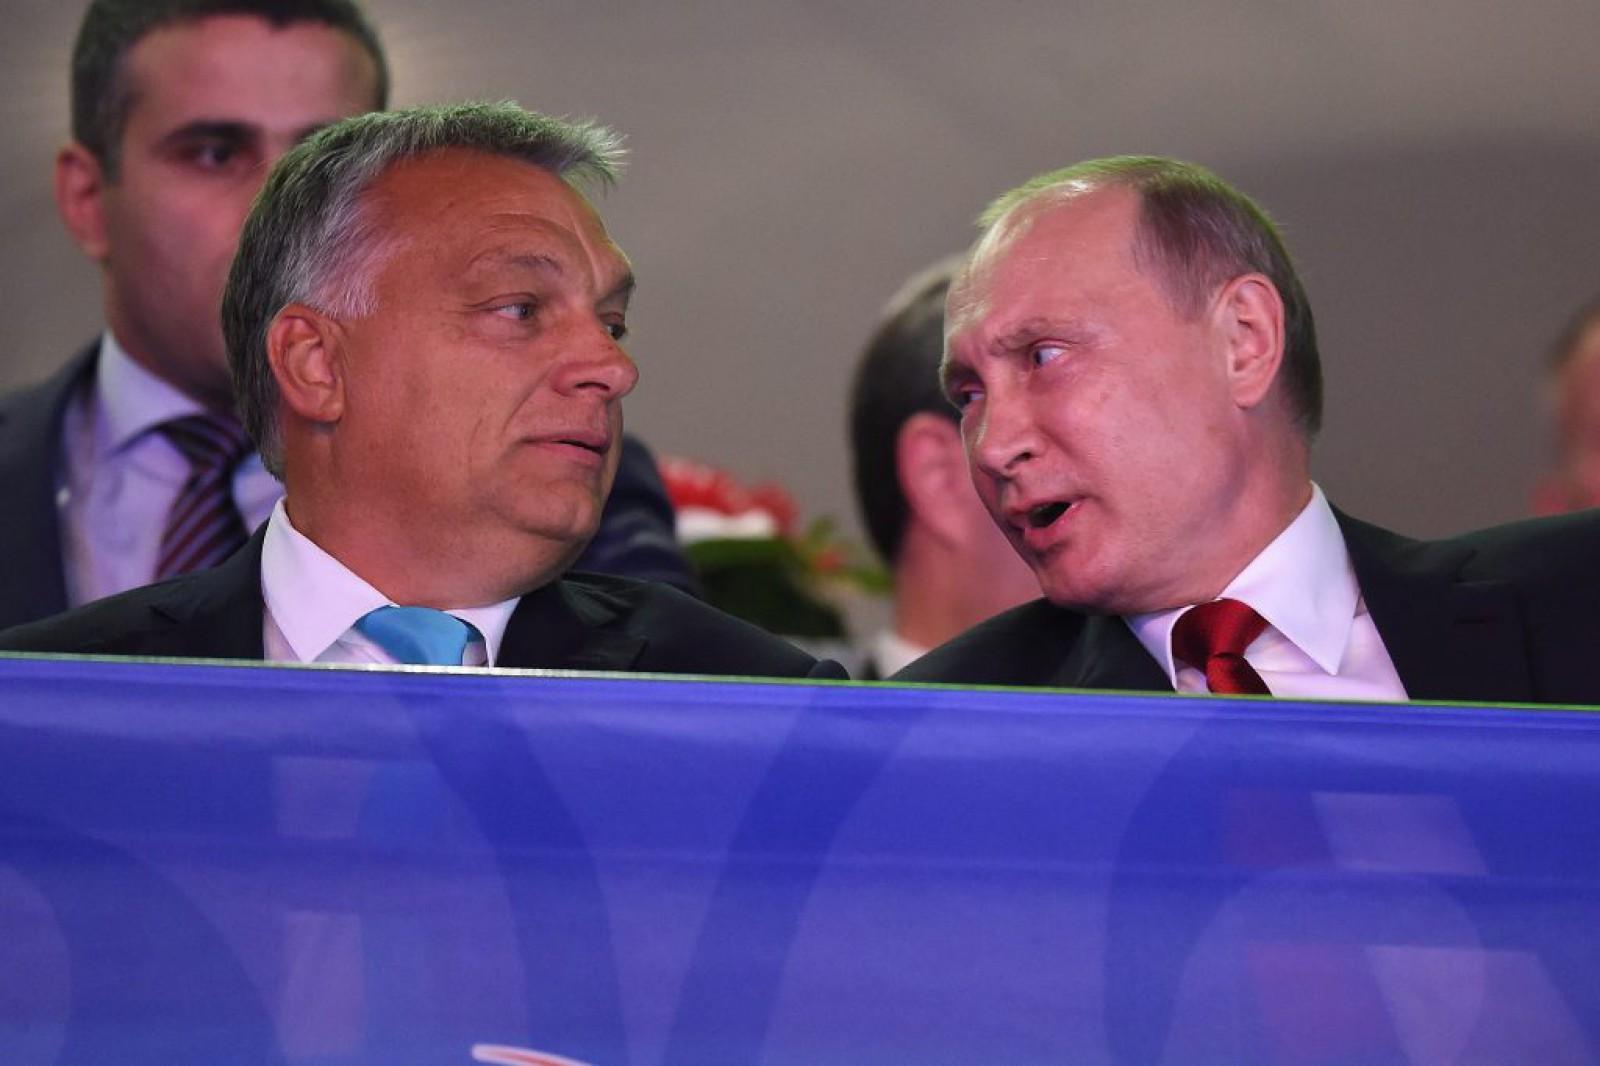 Ungaria este mai aproape ca niciodată de Moscova de la Căderea Zidului Berlinului și până în prezent